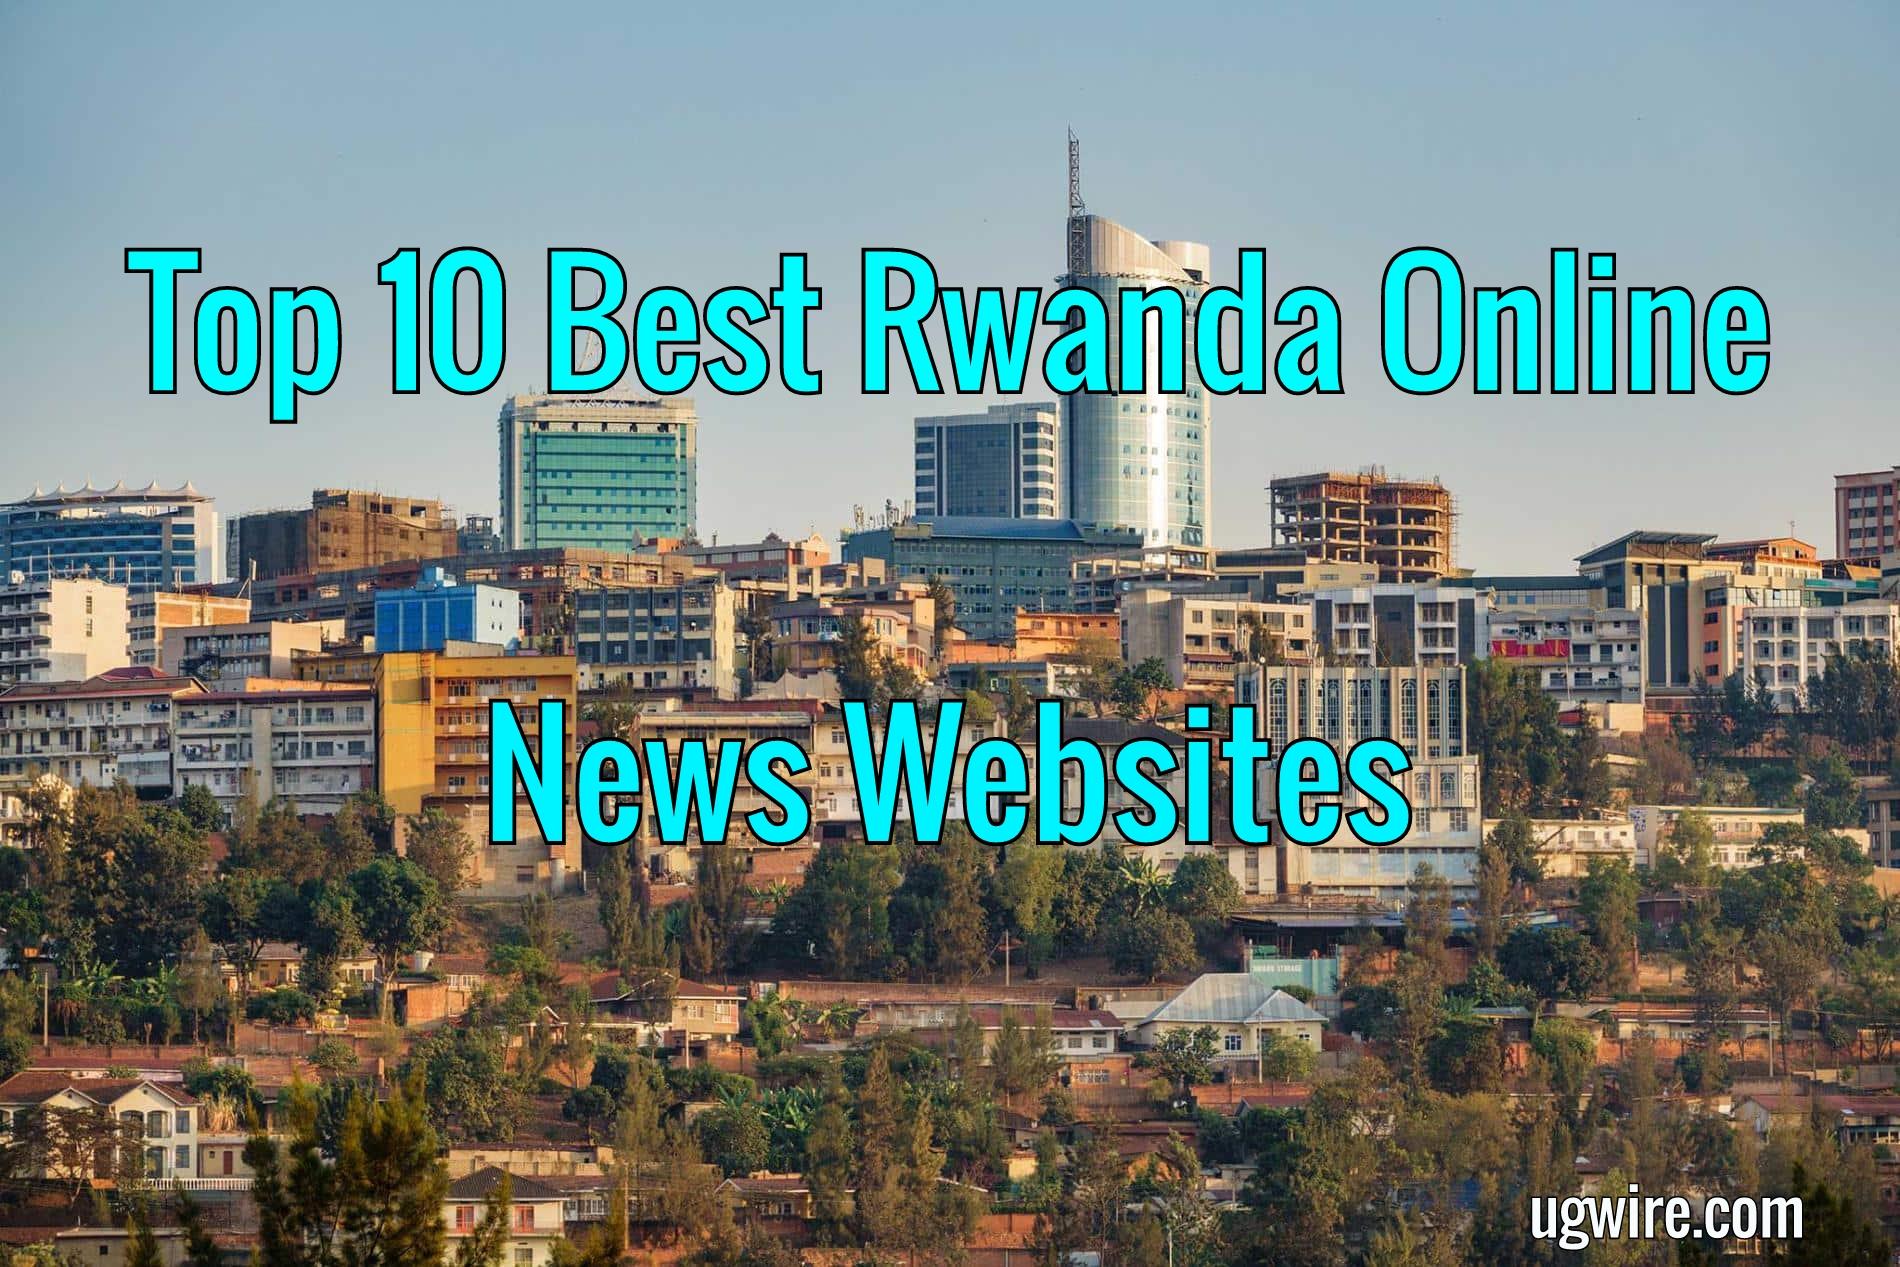 Rwanda Online News Websites Today Top 10 Best